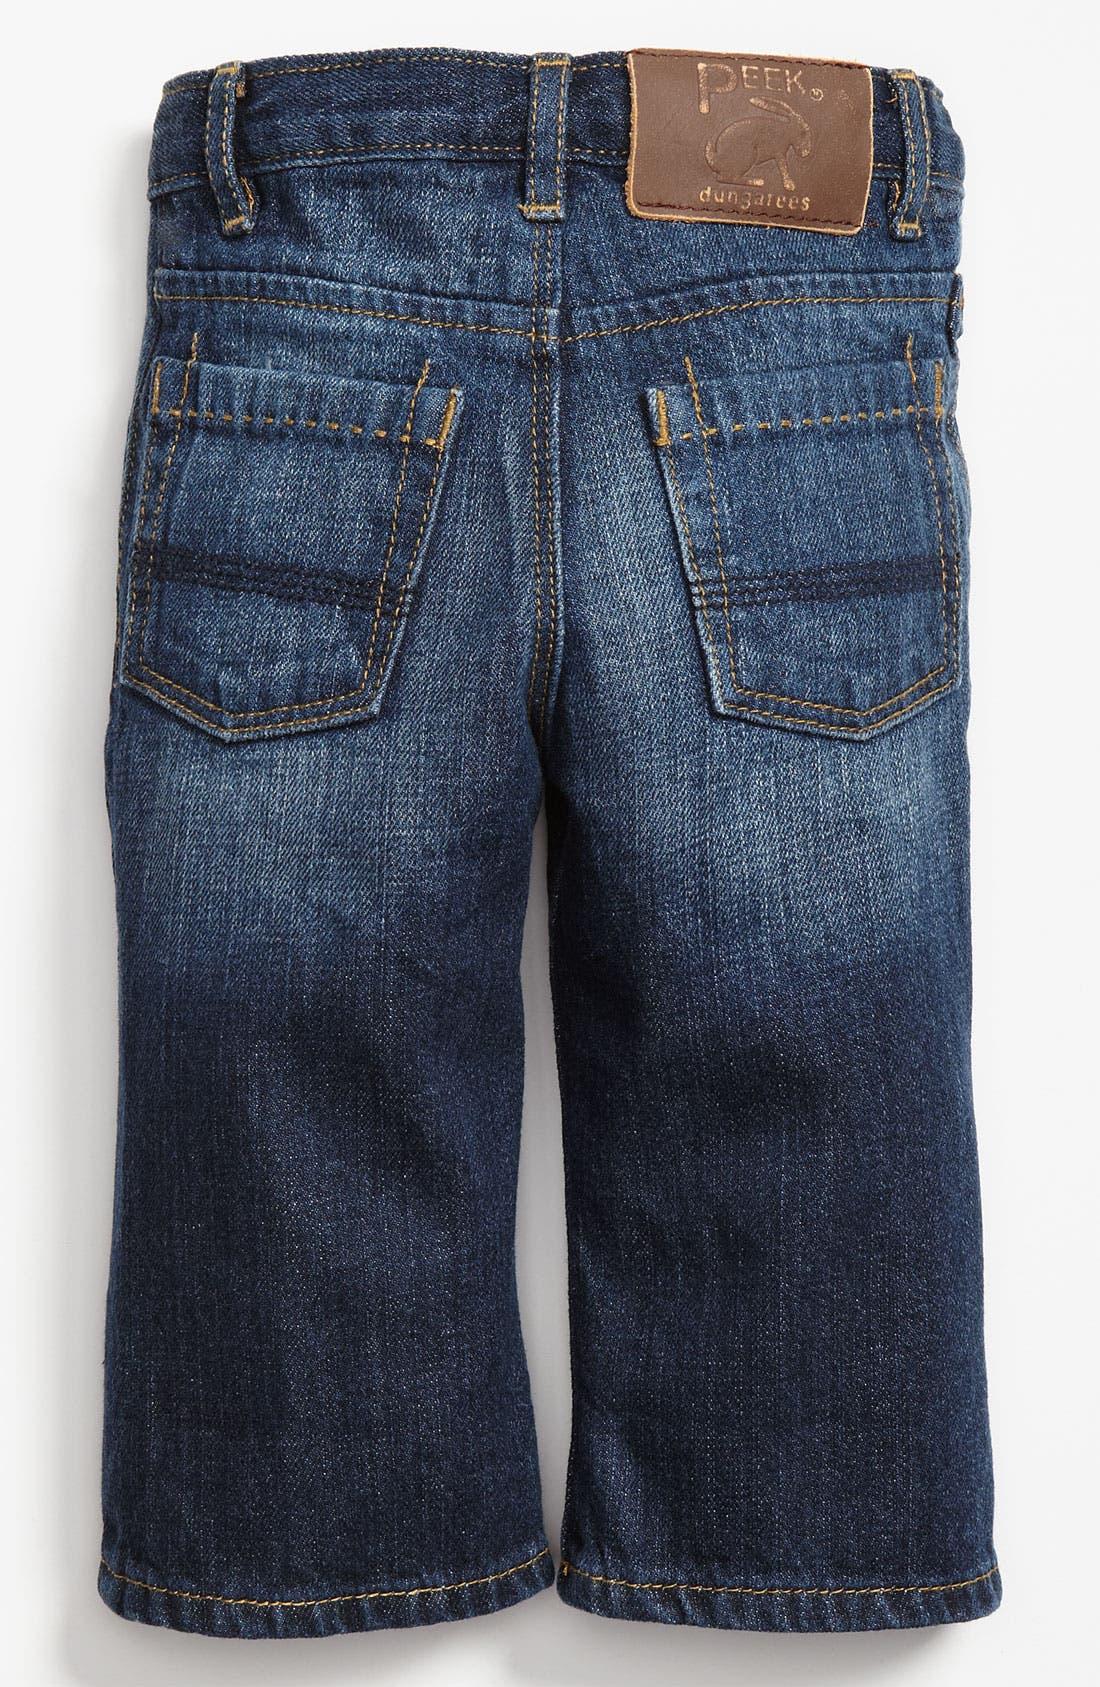 Main Image - Peek 'Big Peanut' Jeans (Infant)